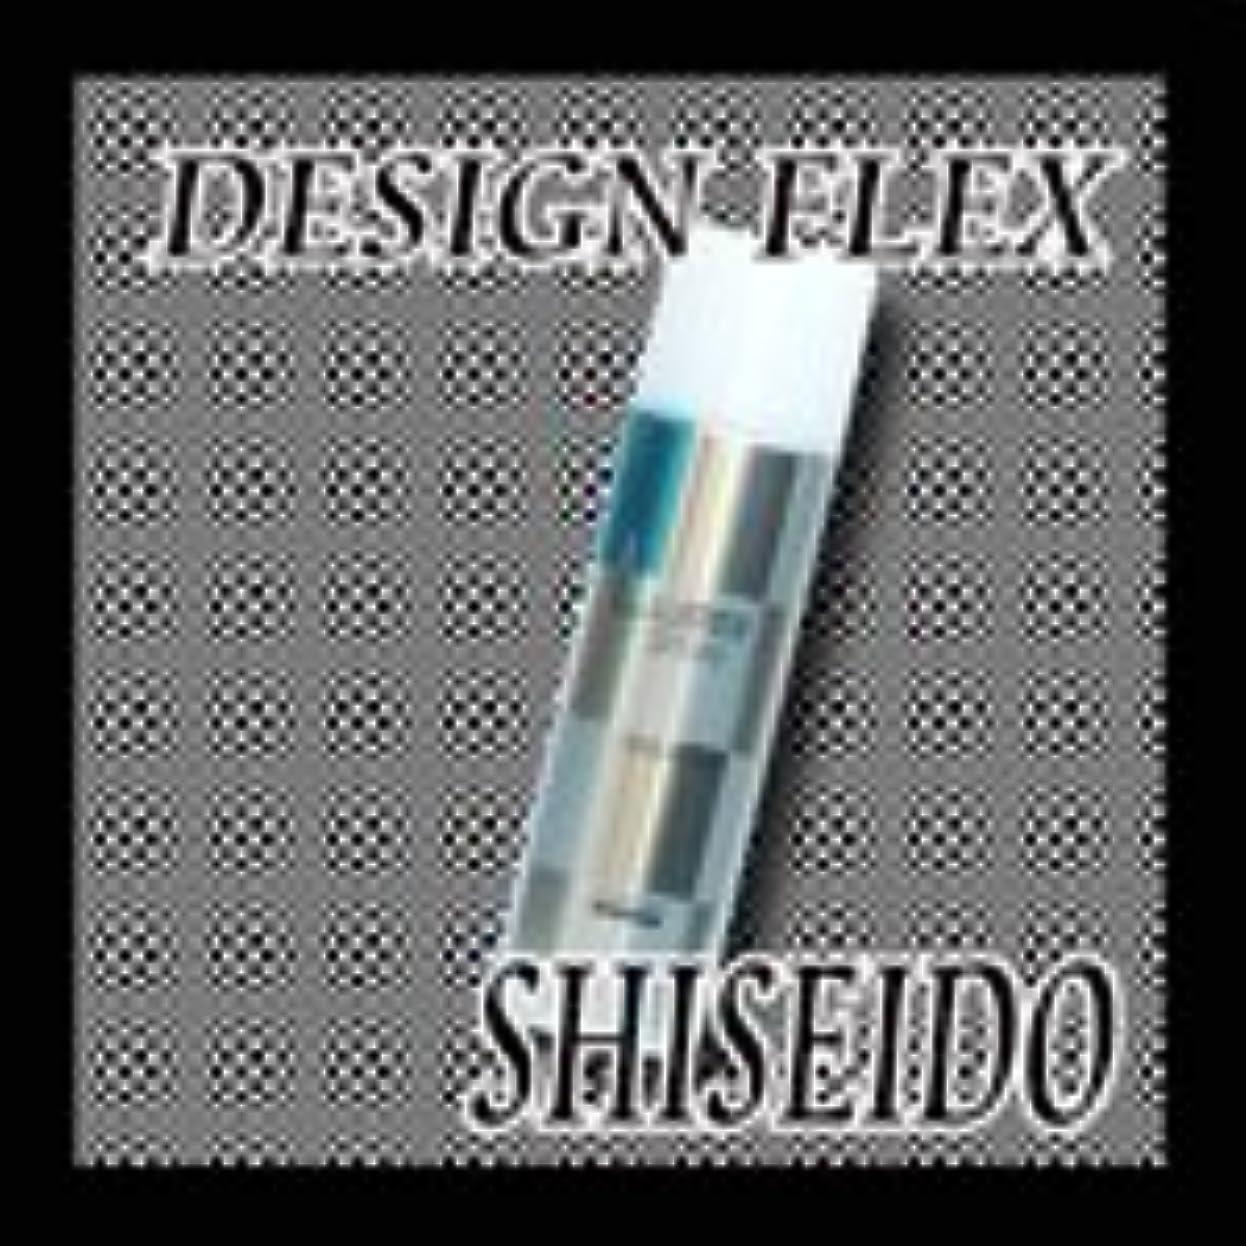 楽しむトレース所持SHISEIDO 資生堂 プロフェッショナル DESIGN FLEX デザインフレックス ラスタースプレー215g